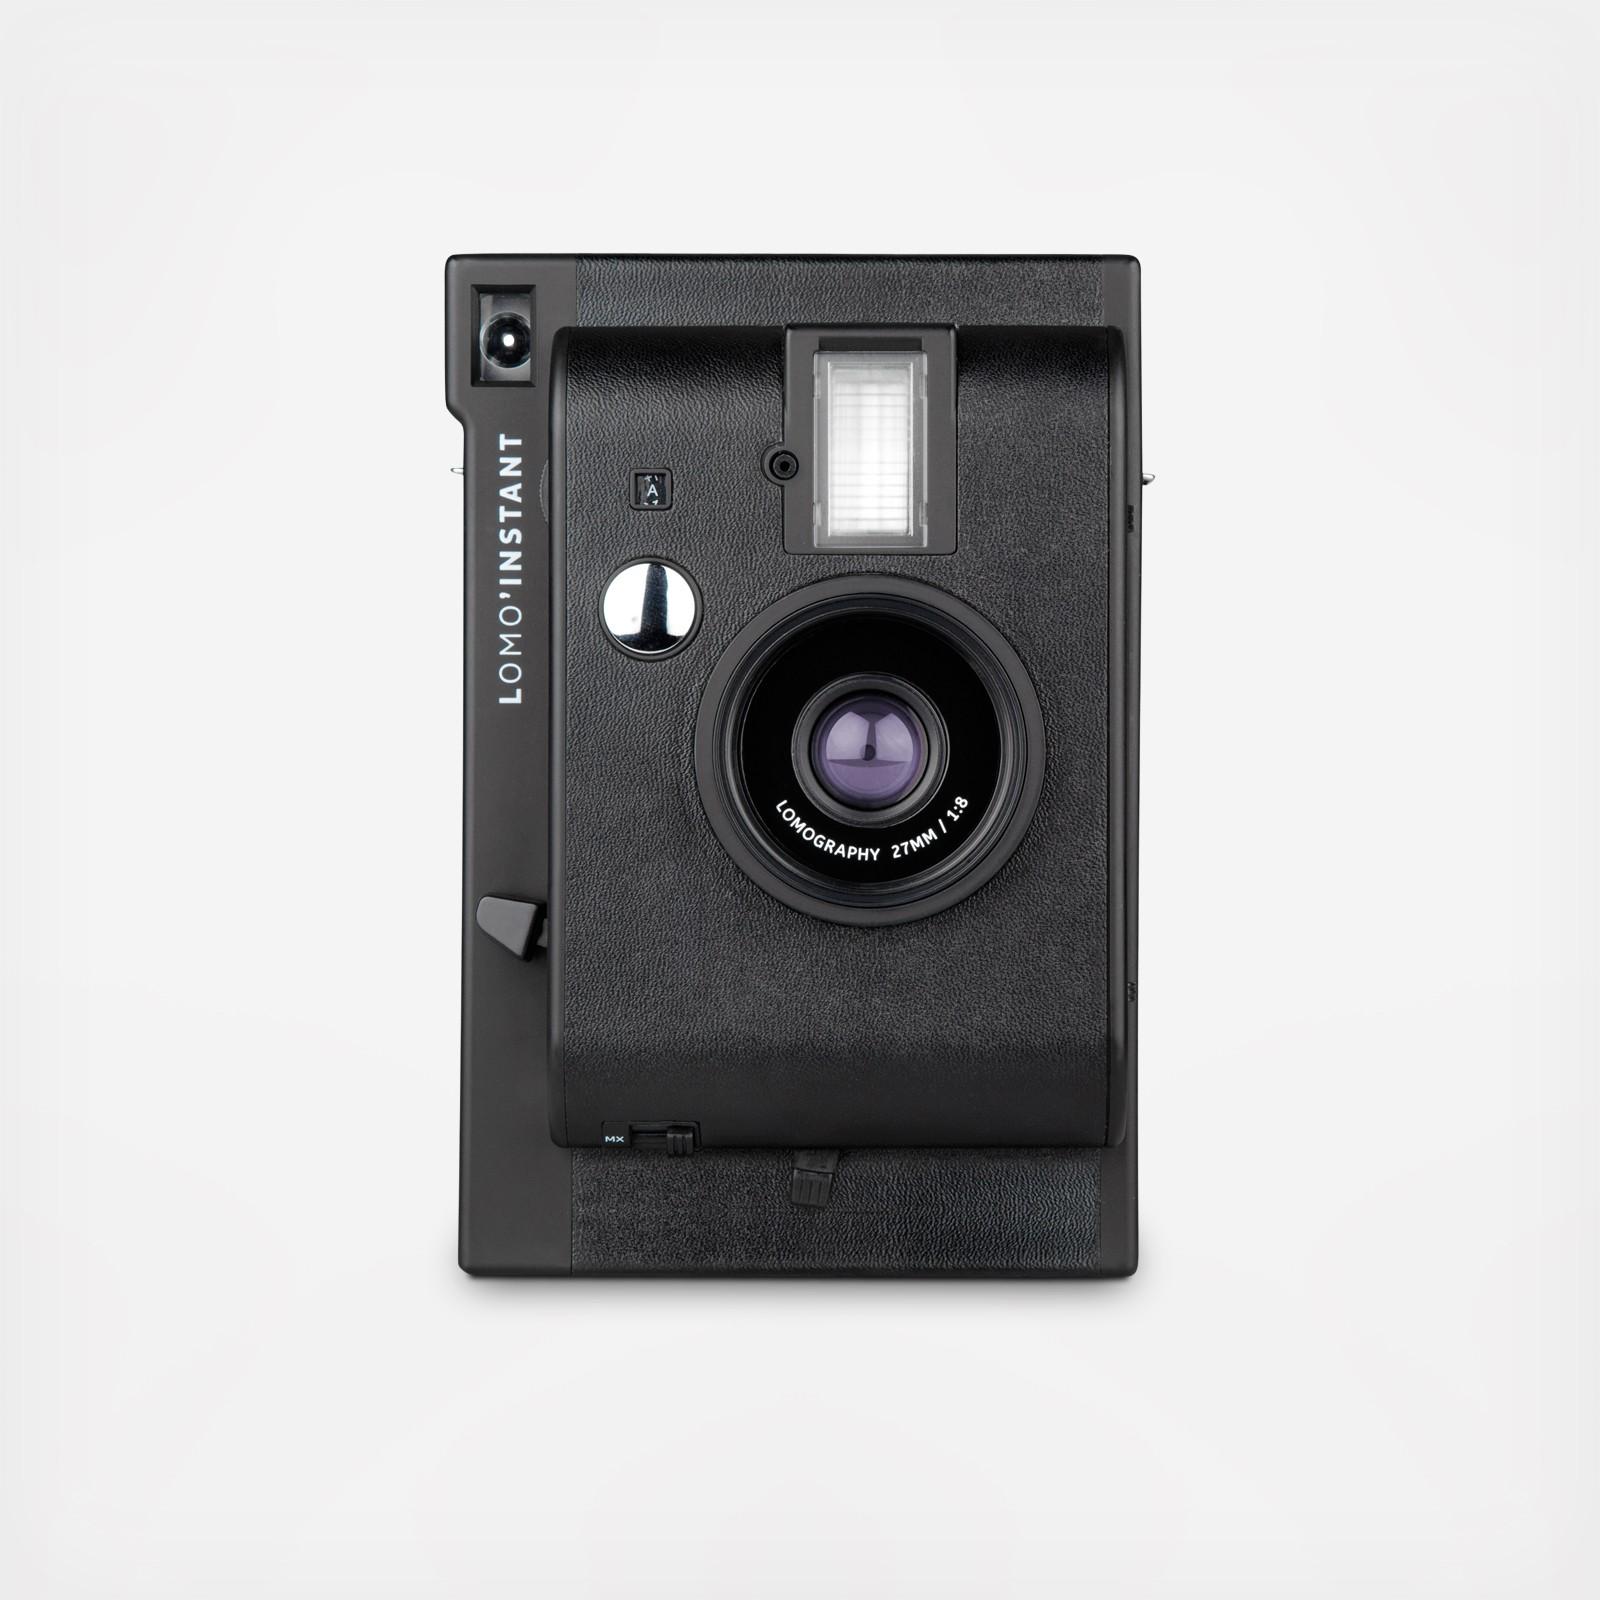 Lomoinstant Camera Zola Lomography Instant Sanremo Edition